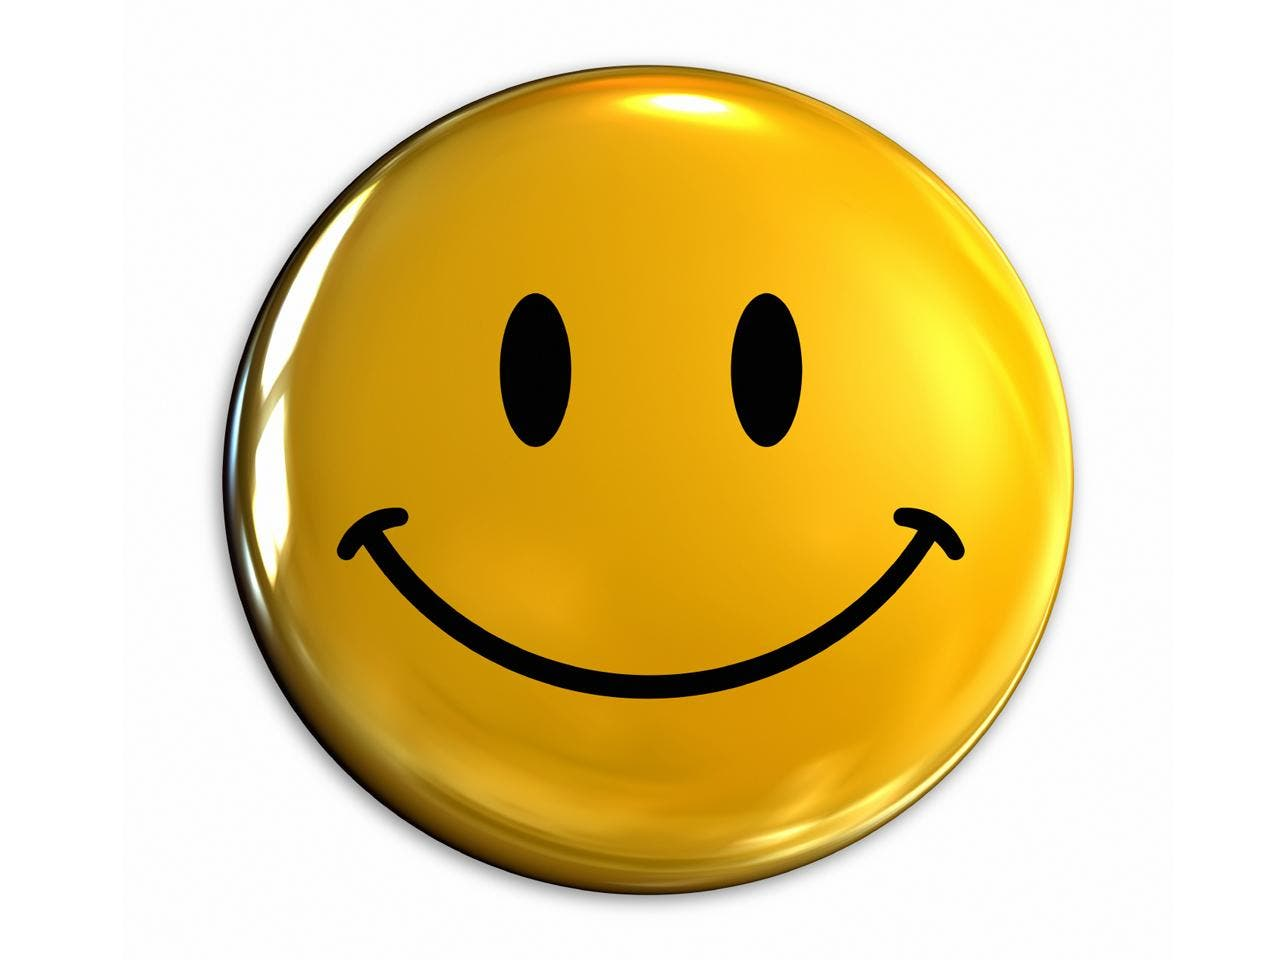 ابتسامتك لها خمس فوائد سحرية علي صحتك حتي لو مش طبيعية 1 22/12/2016 - 5:14 ص